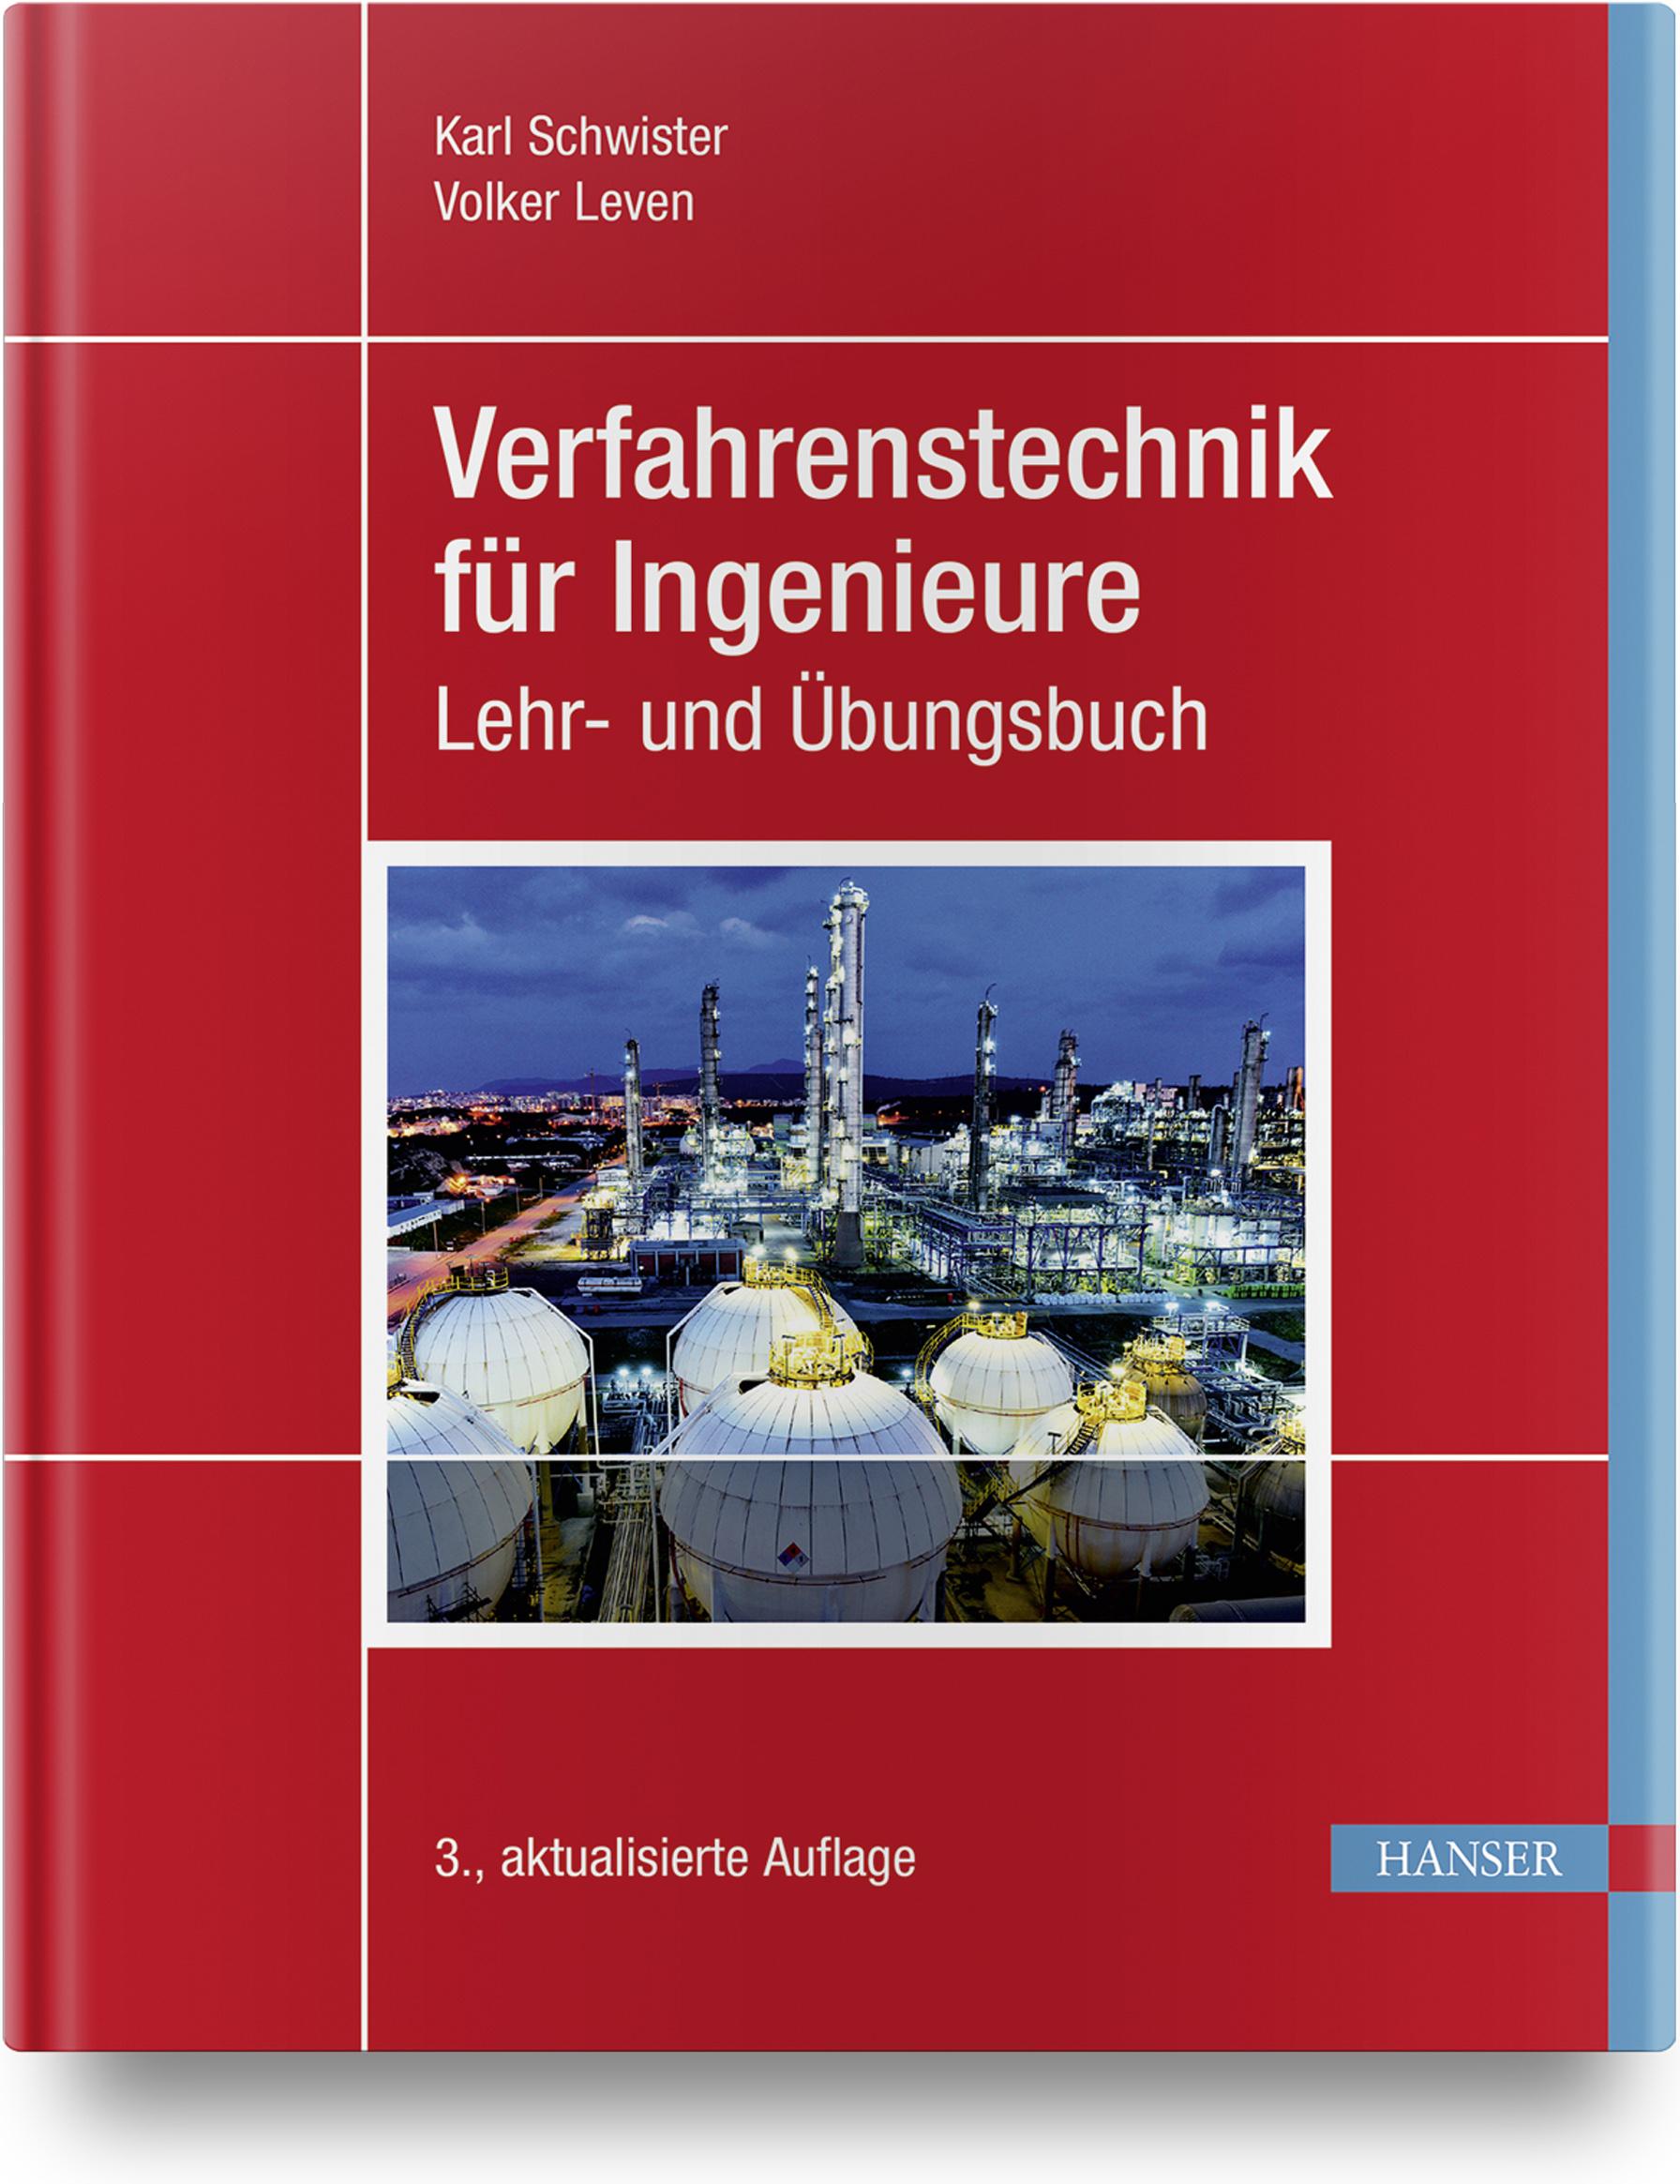 Schwister, Leven, Verfahrenstechnik für Ingenieure, 978-3-446-46136-9